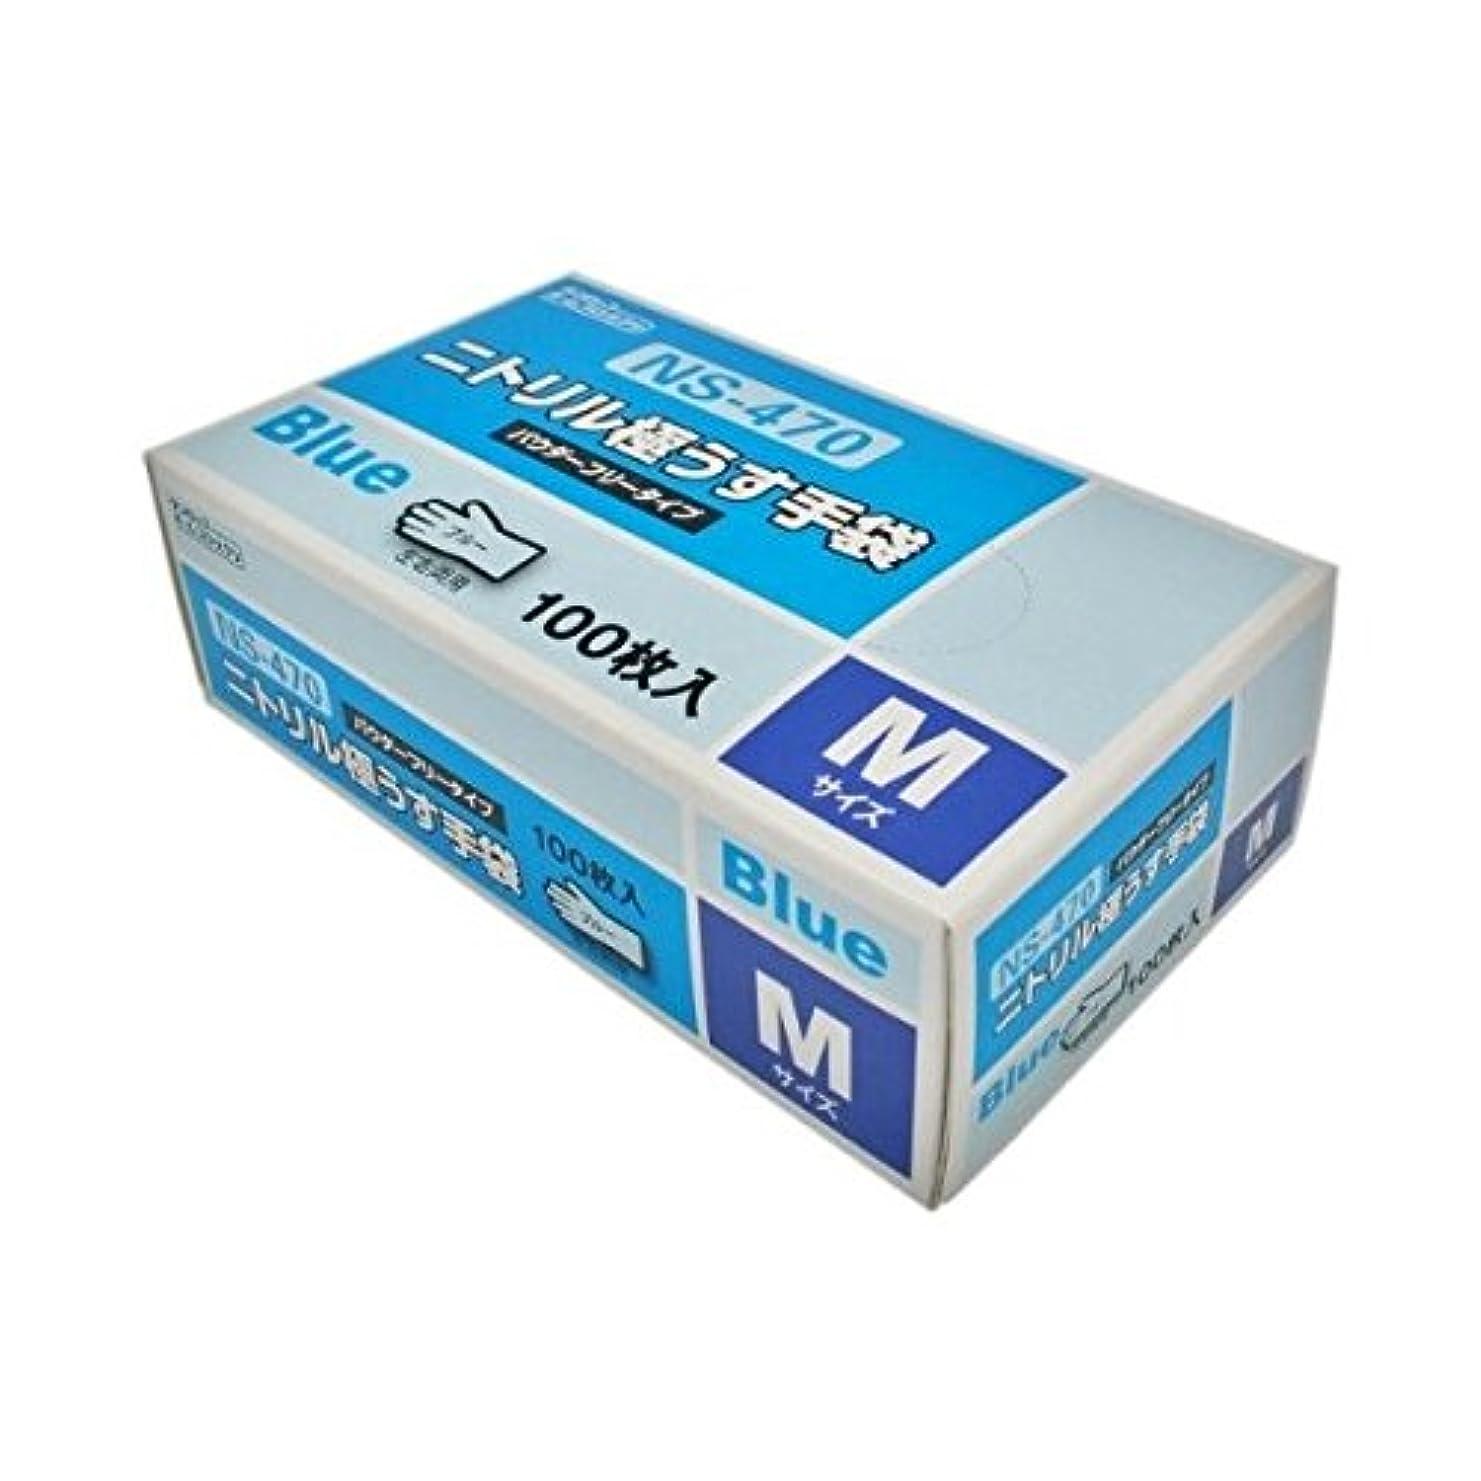 ラッシュ十年挑む(株)ダンロップホームプロダクツ ニトリル極薄手袋 100枚 M ブルー